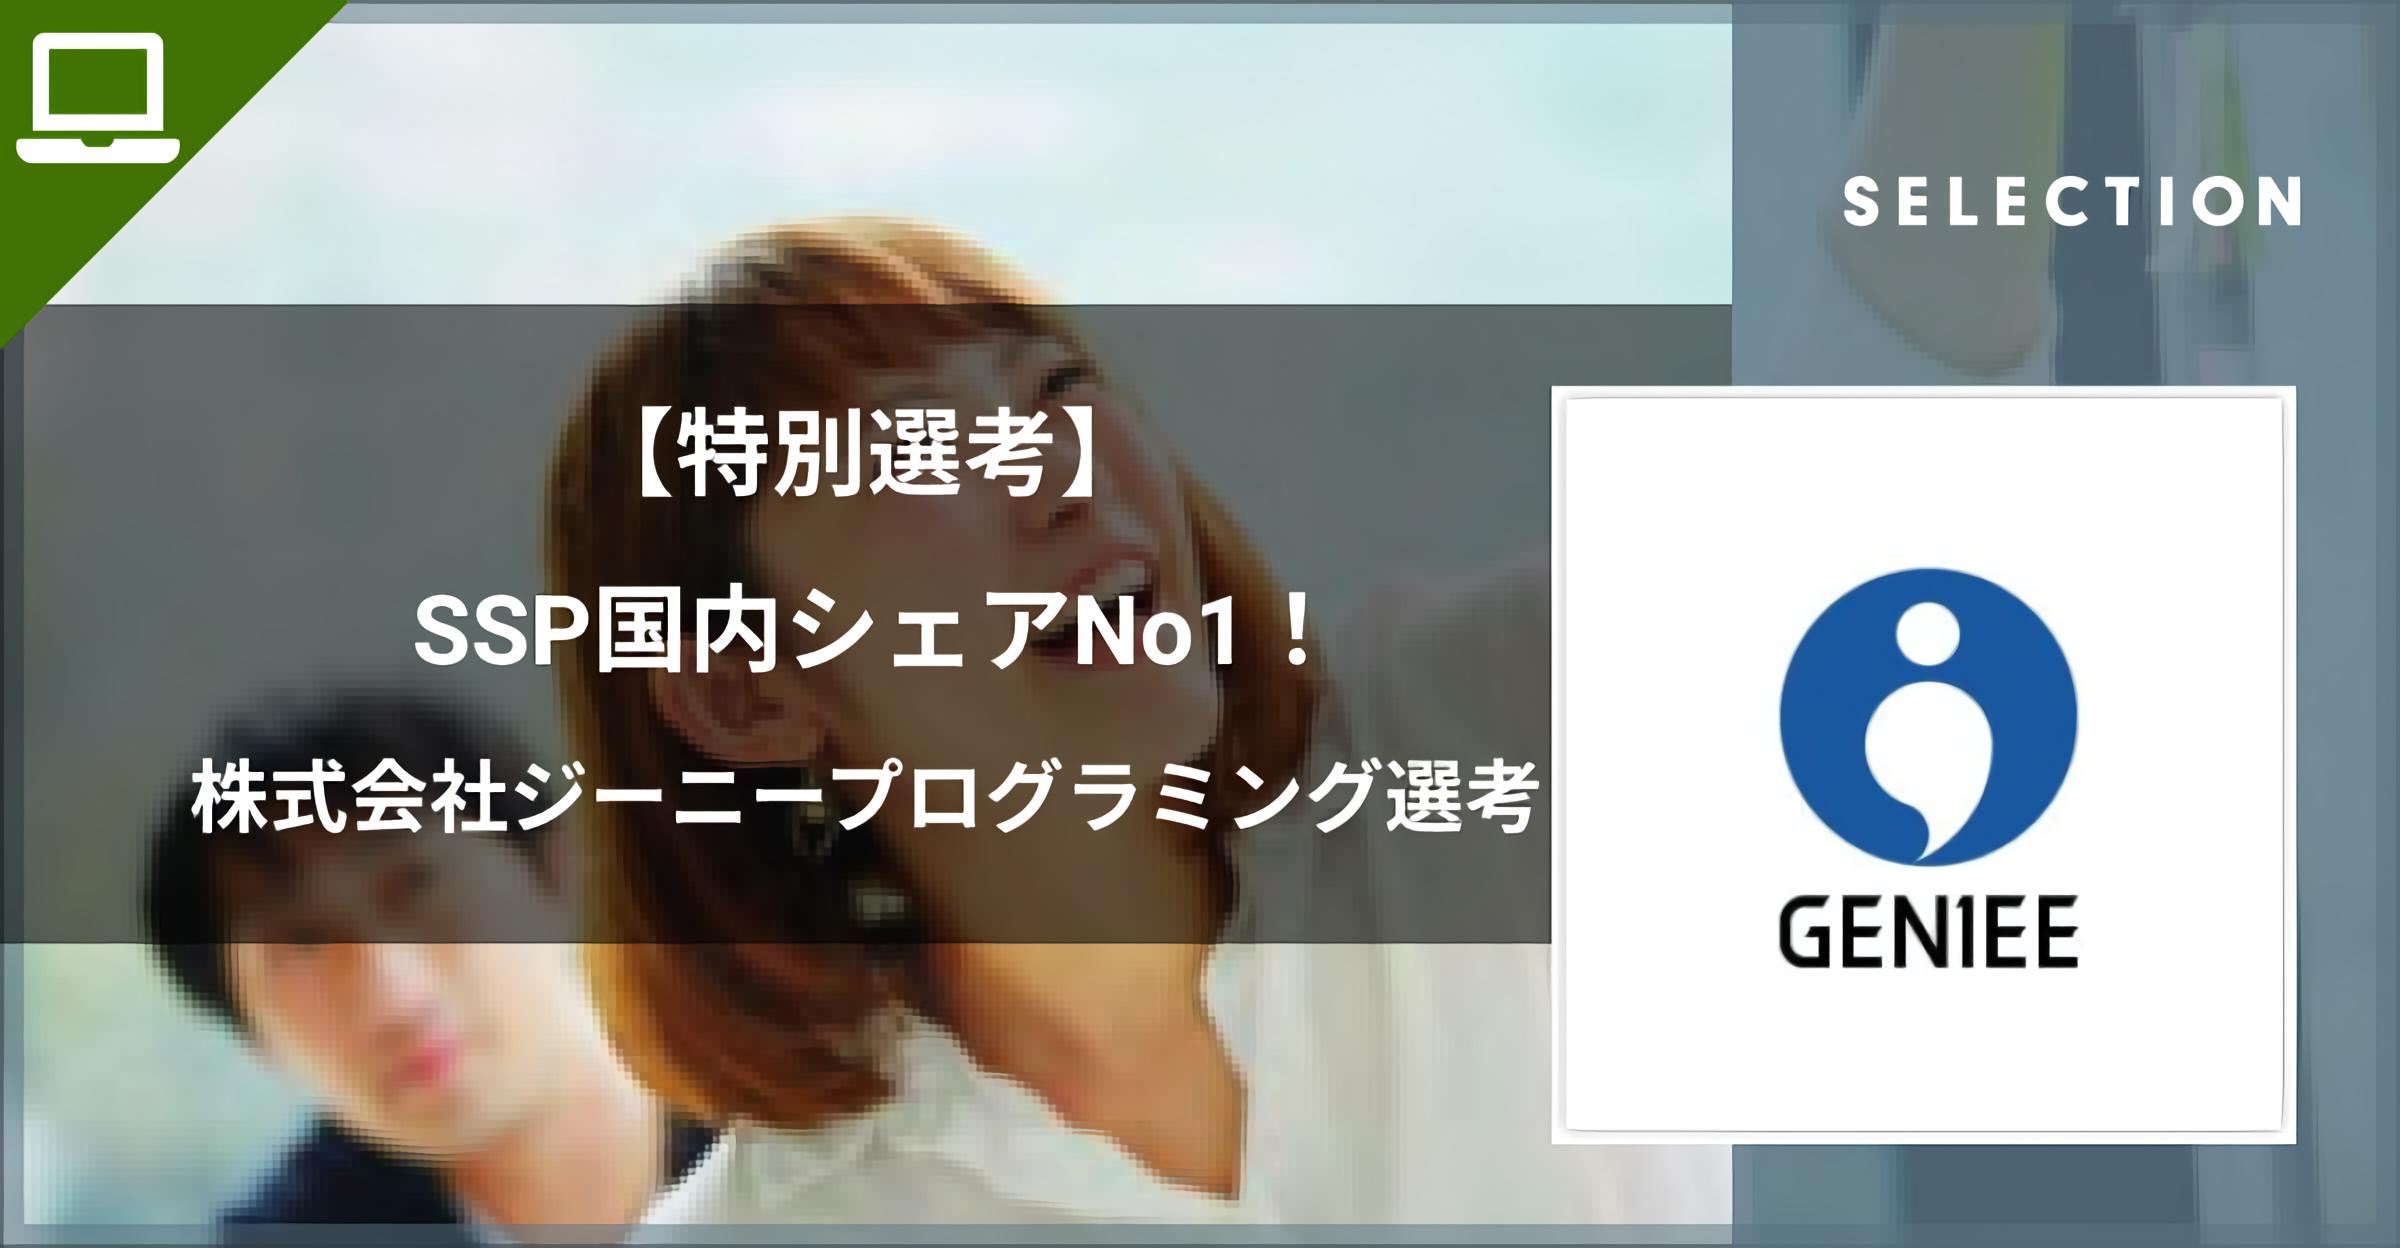 【4月内定のチャンス!】 SSP国内シェアNo1! 秒間10万回の広告リクエストを処理する配信技術を持つ 株式会社ジーニーのプログラミング選考 image